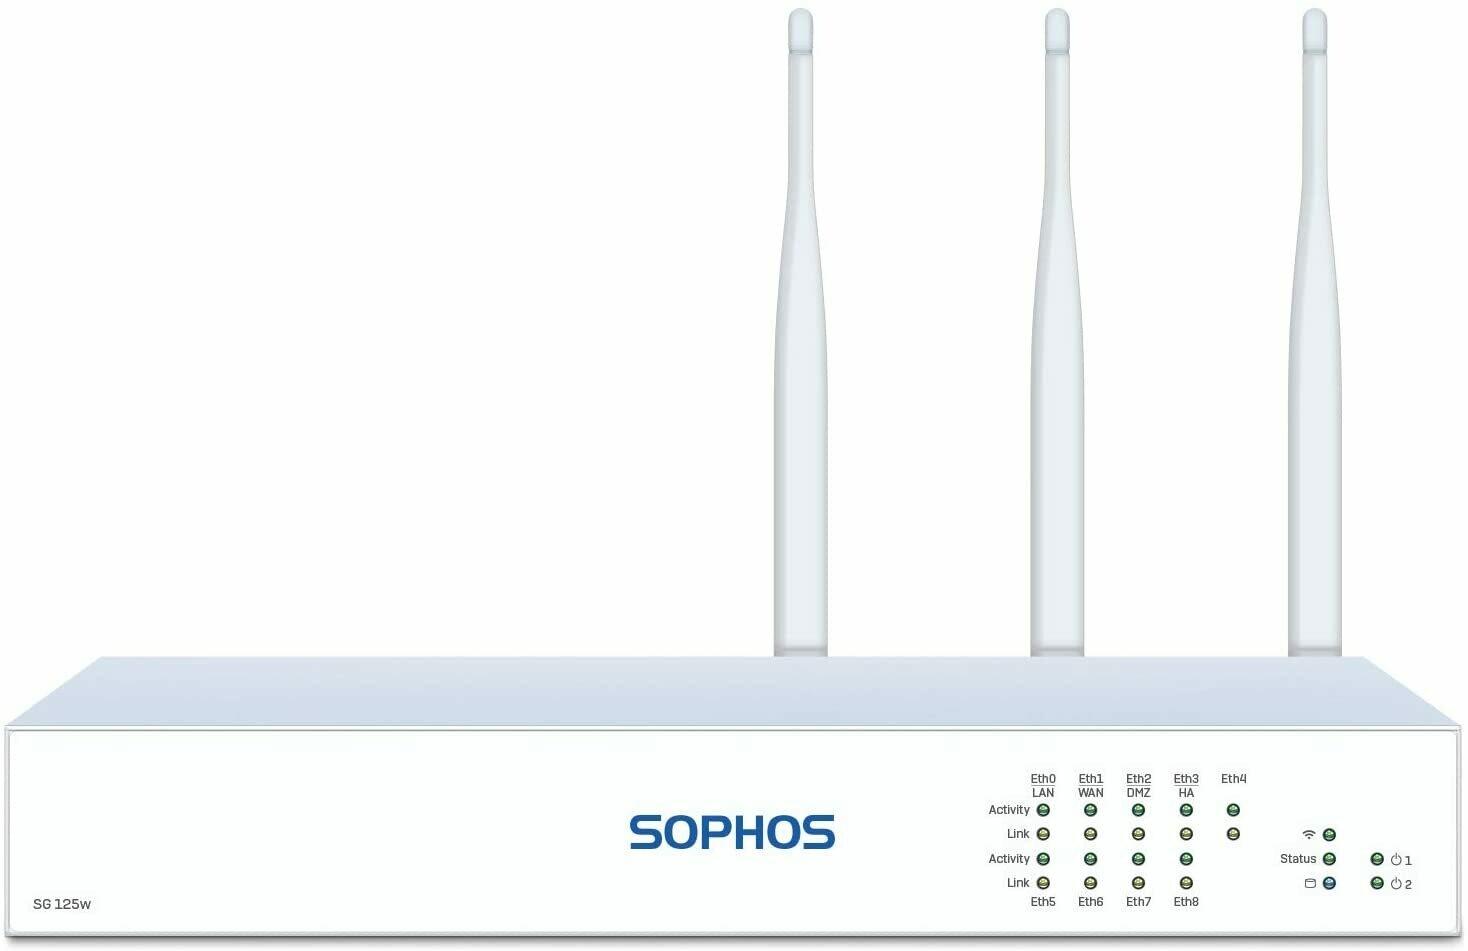 Sophos SG 125w Appliance